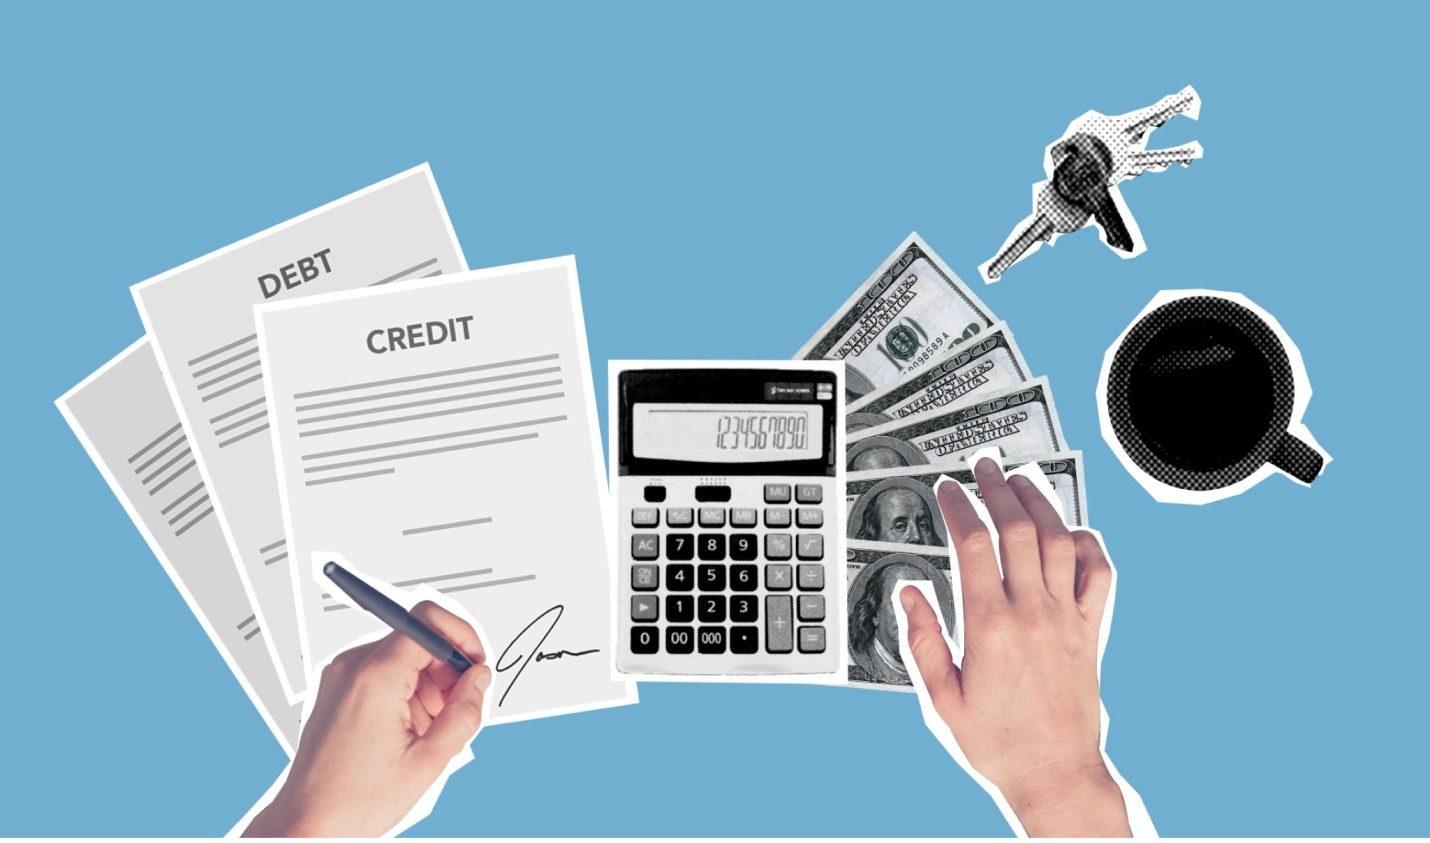 Auto refinance eligibility